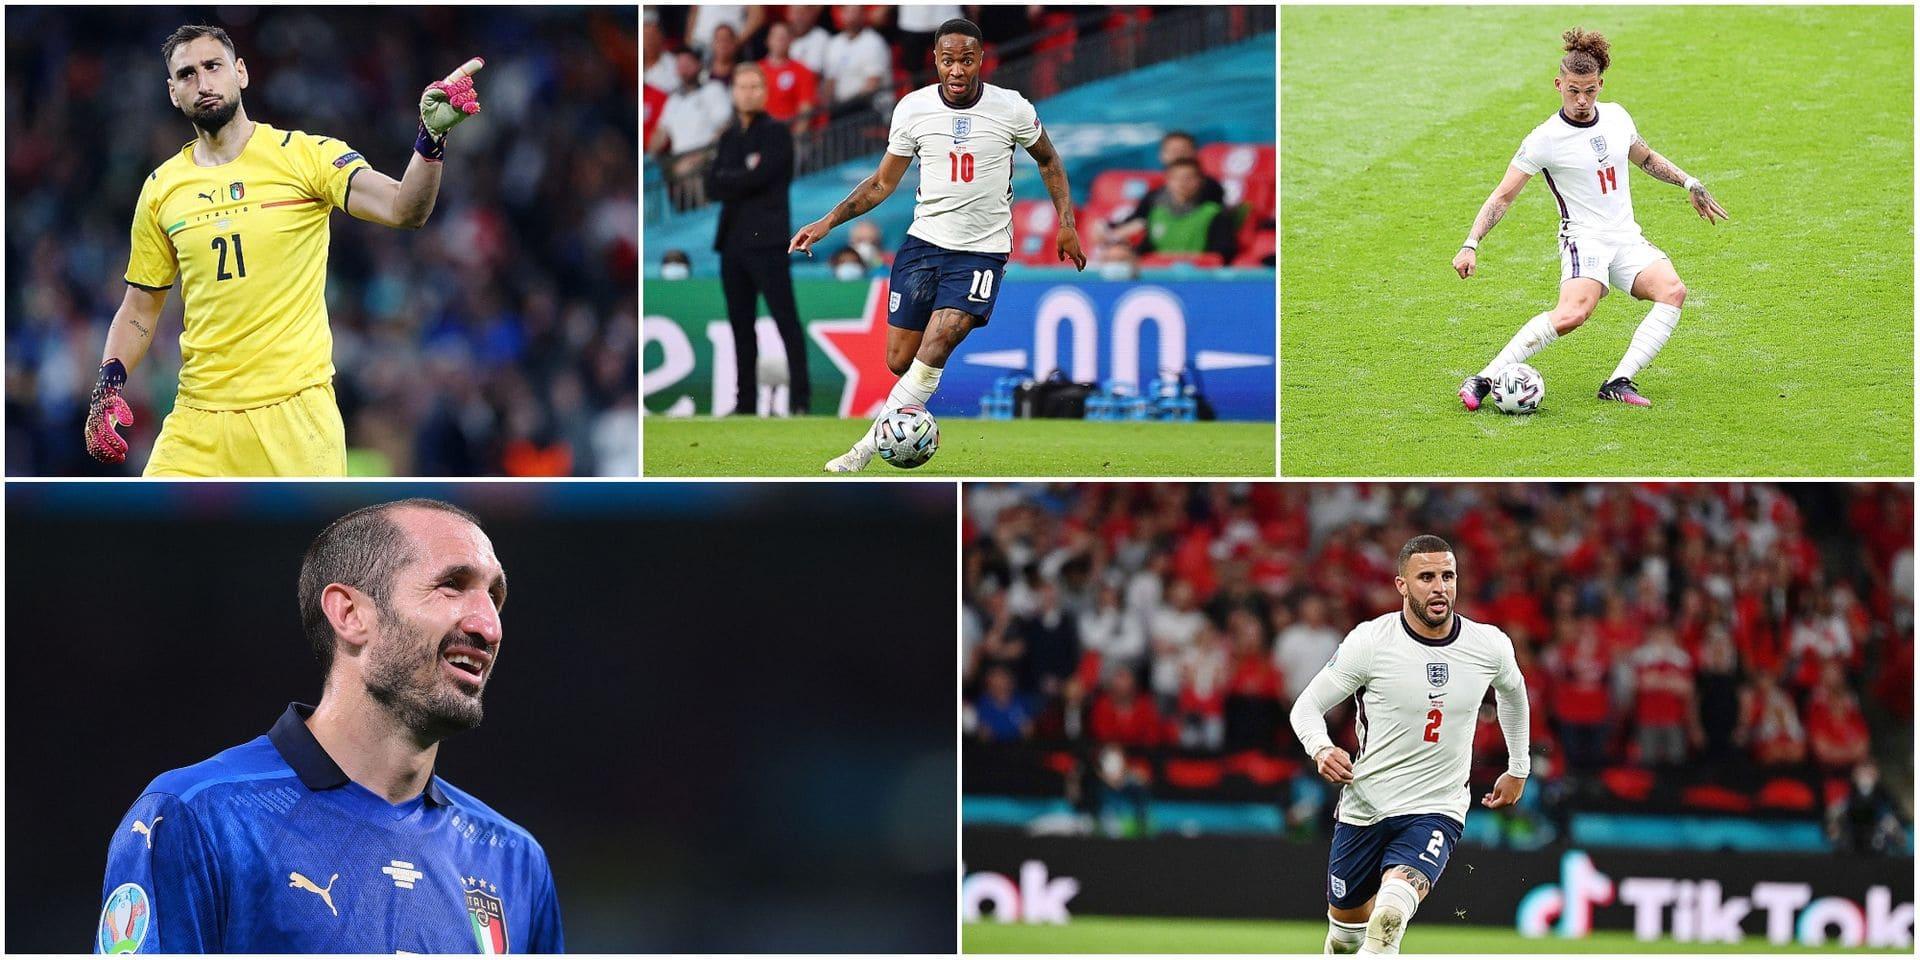 Le onze idéal de Clément Tainmont pour la finale de l'Euro 2020: 7 joueurs d'Italie, 4 d'Angleterre